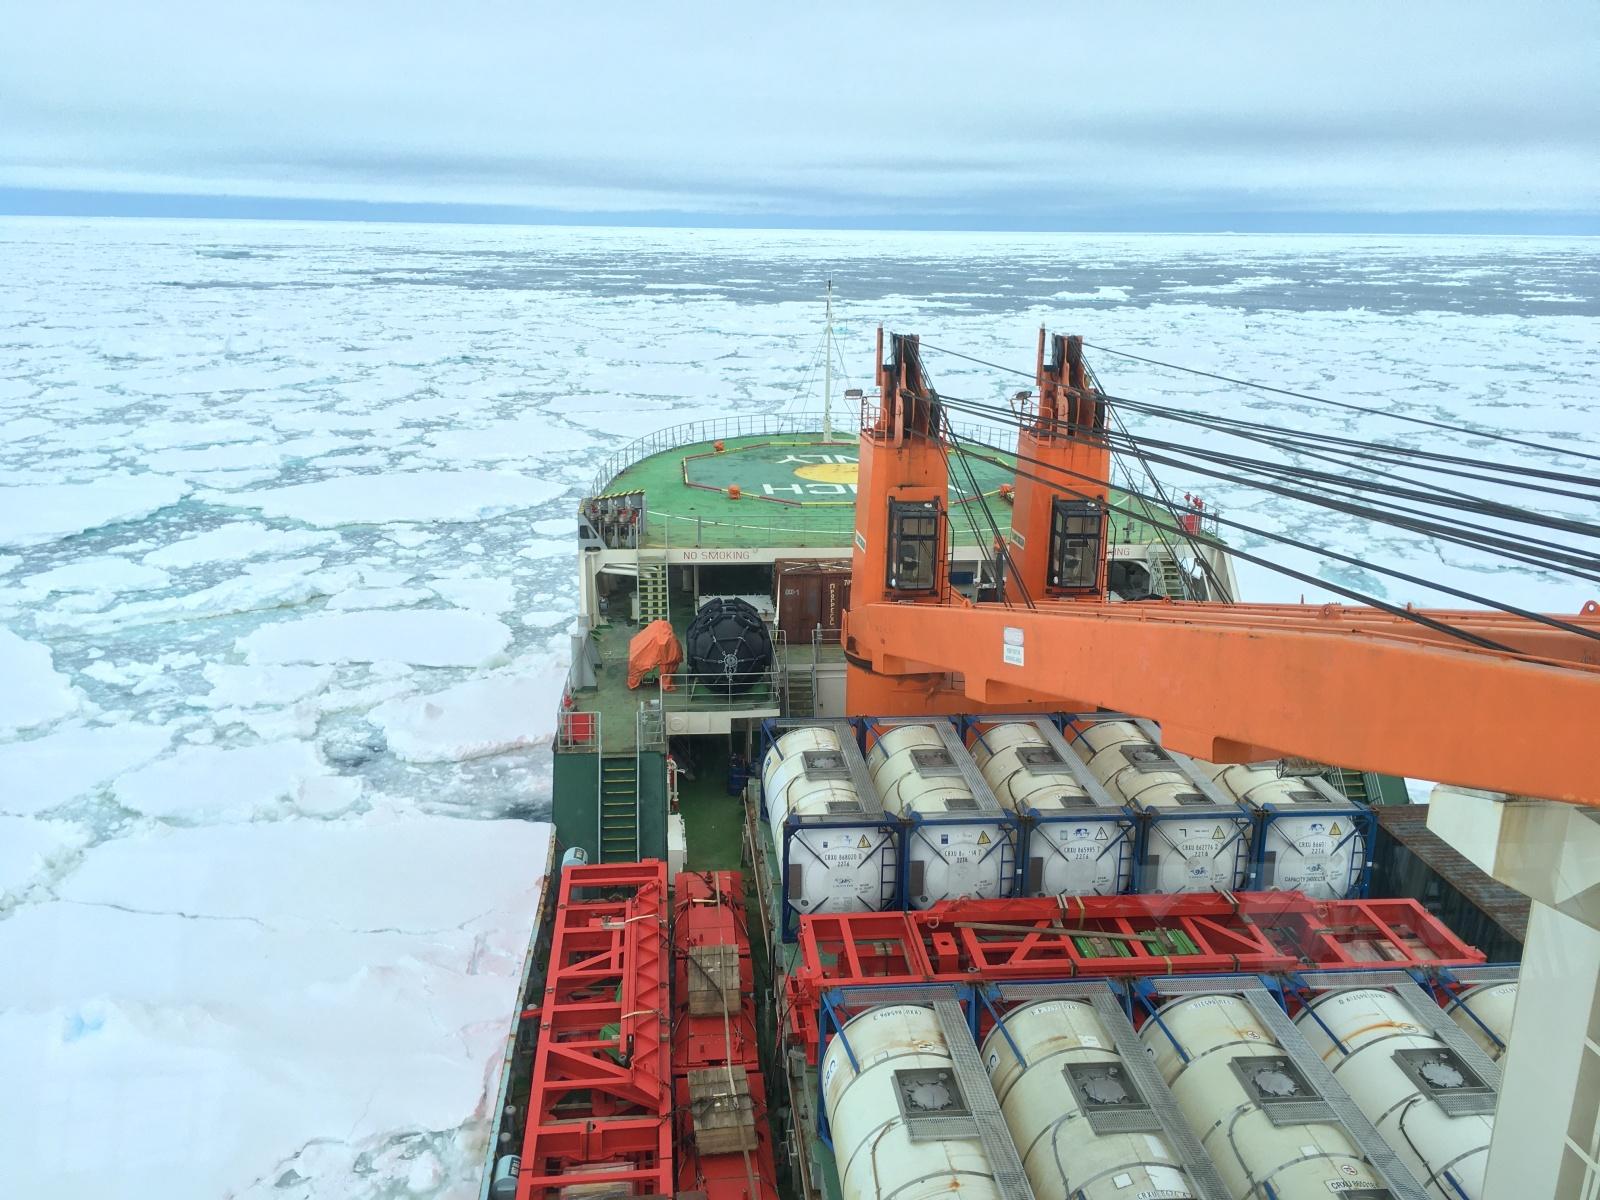 Как у российских полярников появилась сотовая связь в Антарктиде - 4